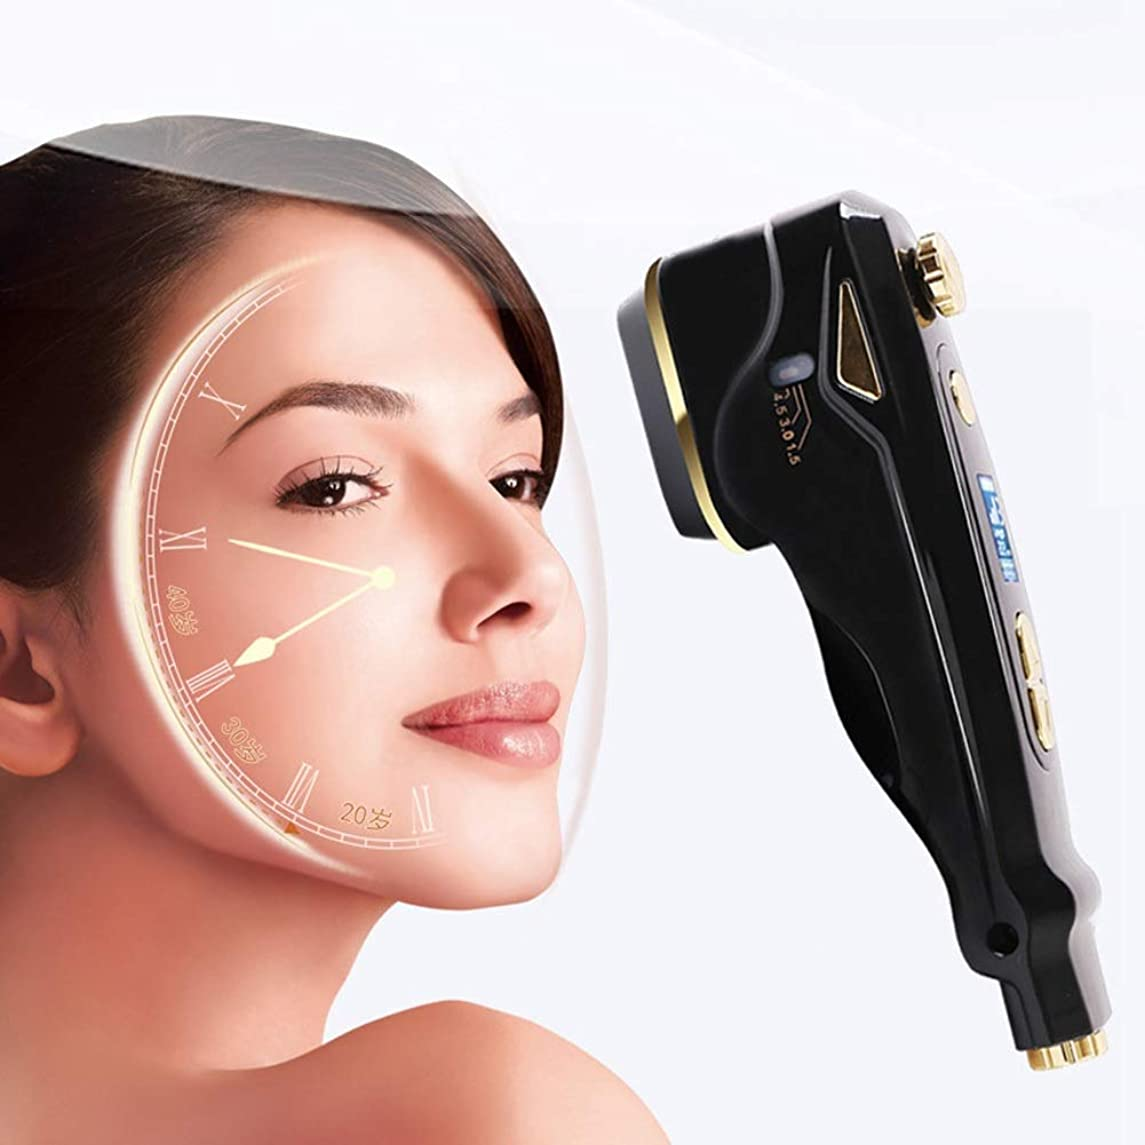 晴れ悪因子ルールスキンフェイシャルマシン - ポータブルハンドヘルド高周波スキンセラピーマシンにきび肌のしわを引き締めダークサークルを軽減します腫れぼったい目の美容ツール